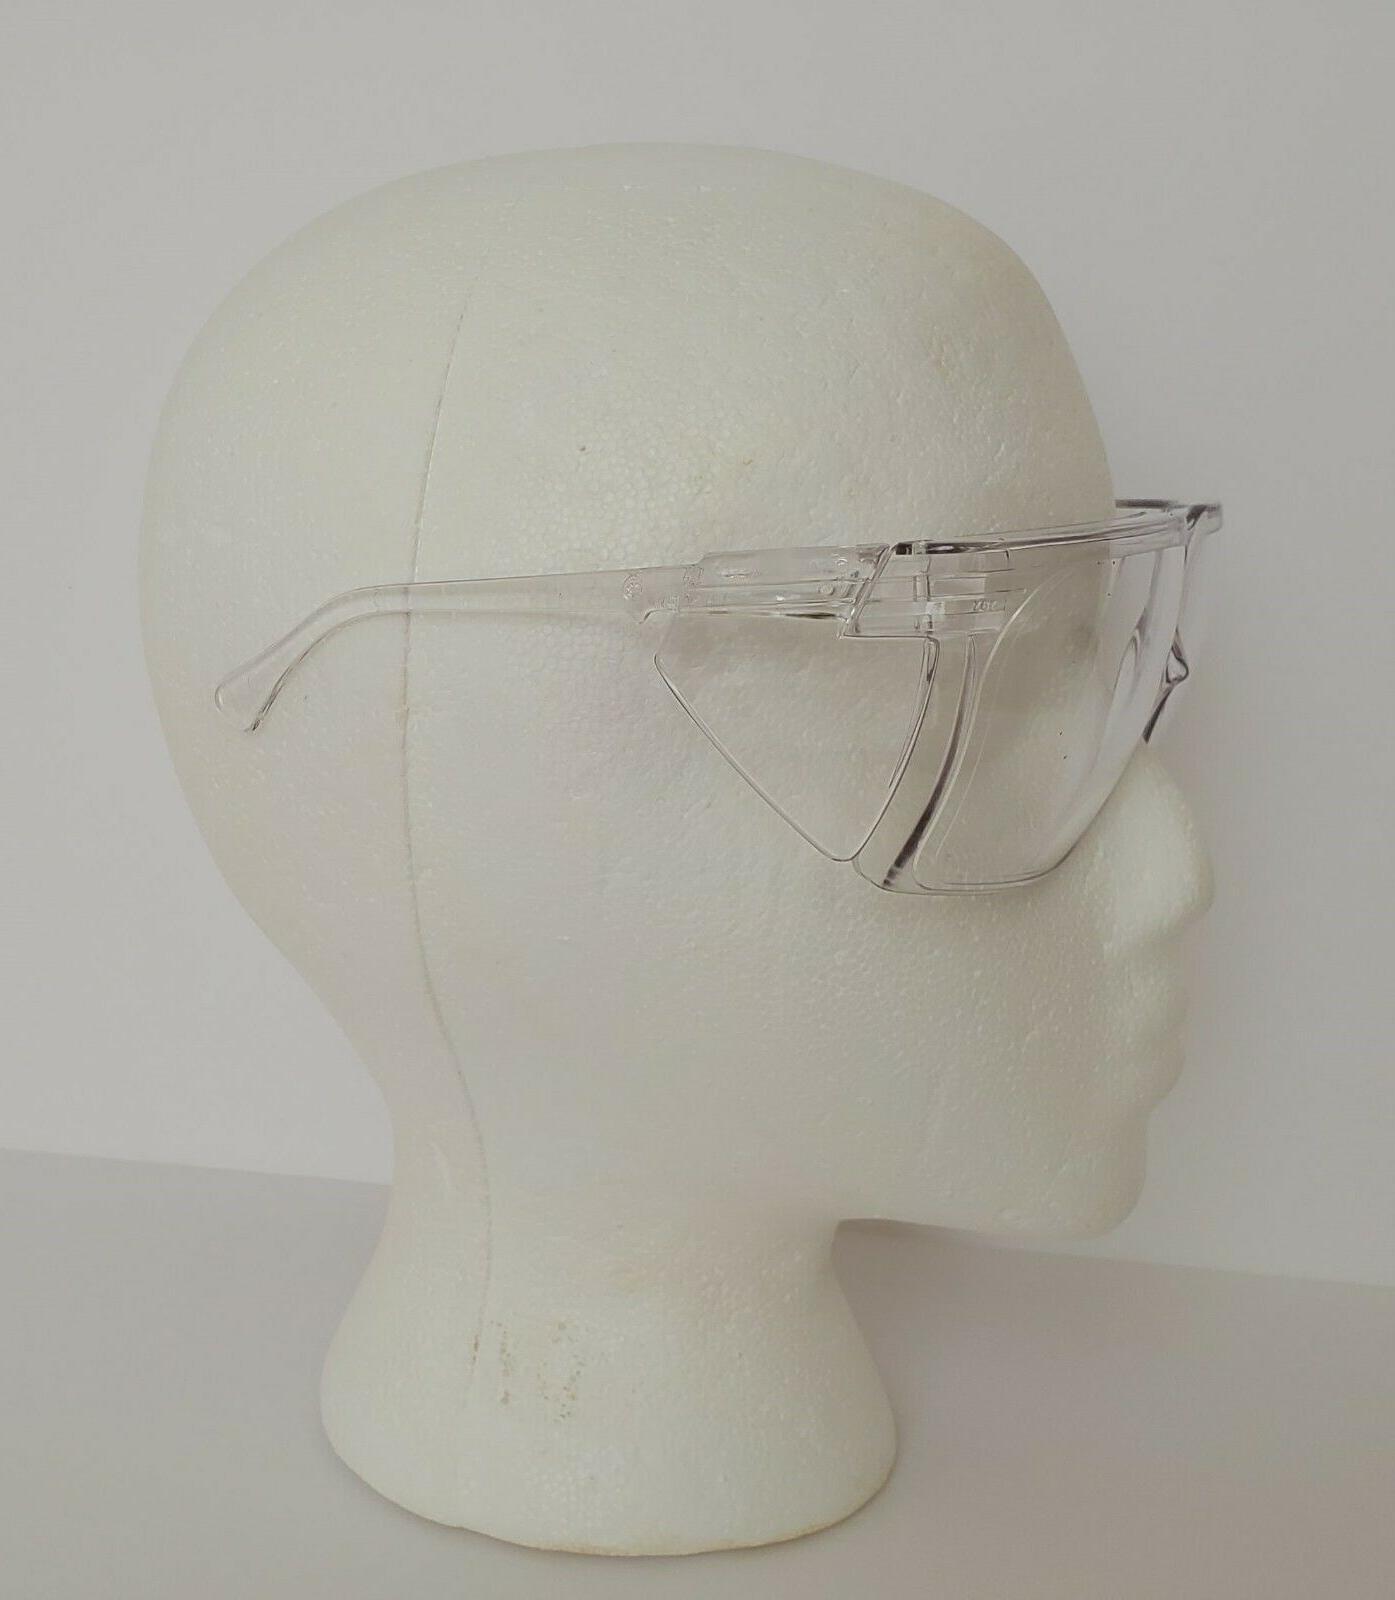 SAFETY GLASSES Z87.1 NO UV